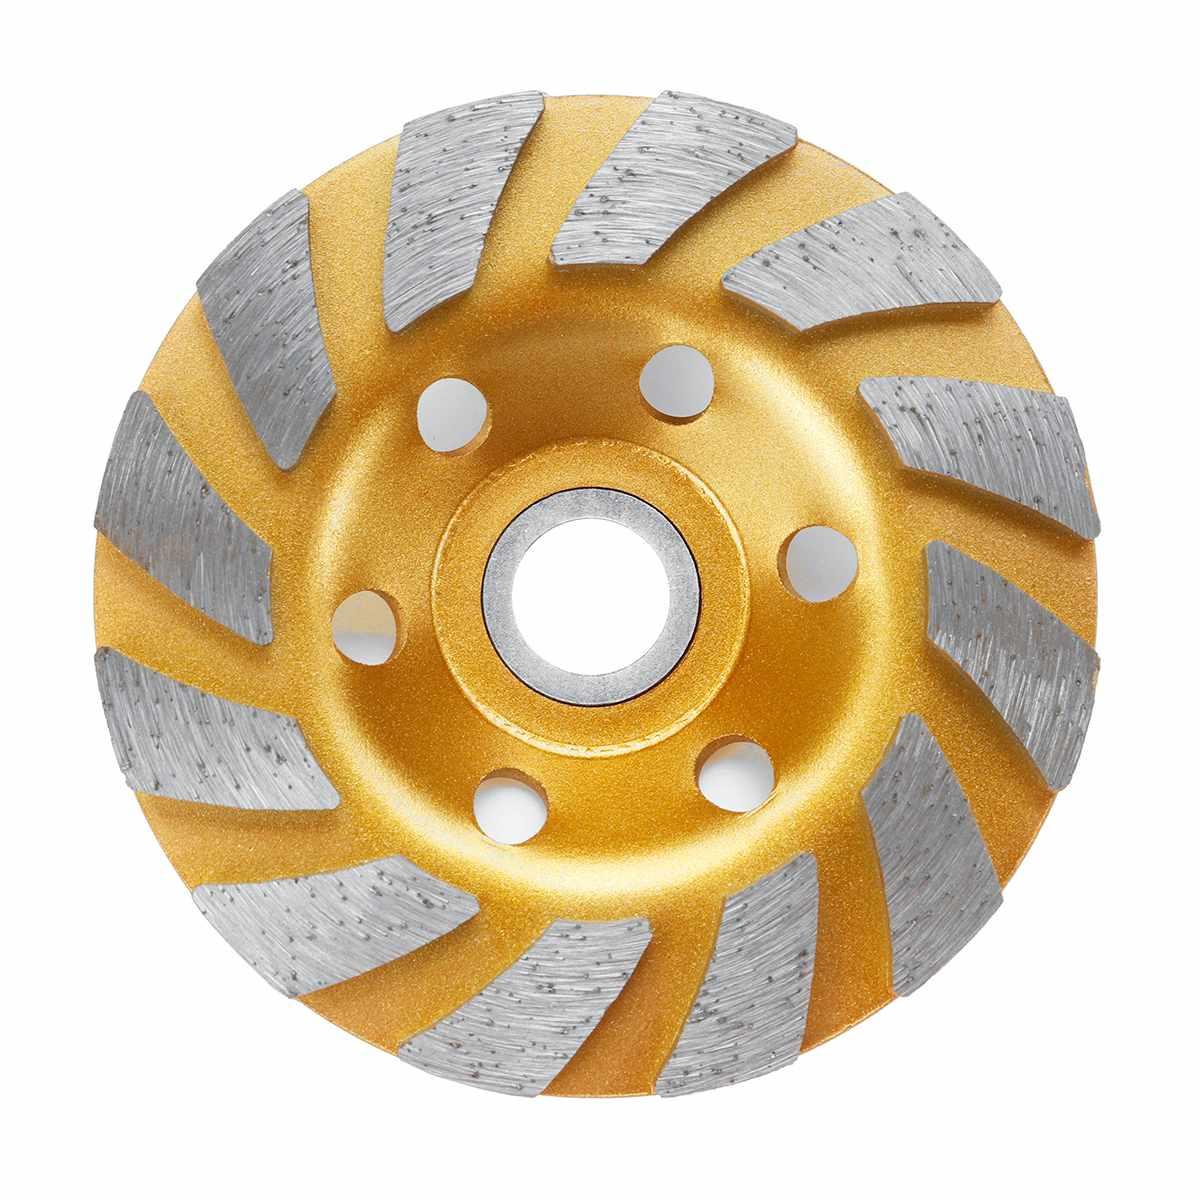 Прочный 5 Тип 4 дюйма 100 мм Алмазный шлифовальный диск шлифовка в форме чаши чашка бетонный гранитный камень Керамика инструменты - Наружный диаметр: Gold